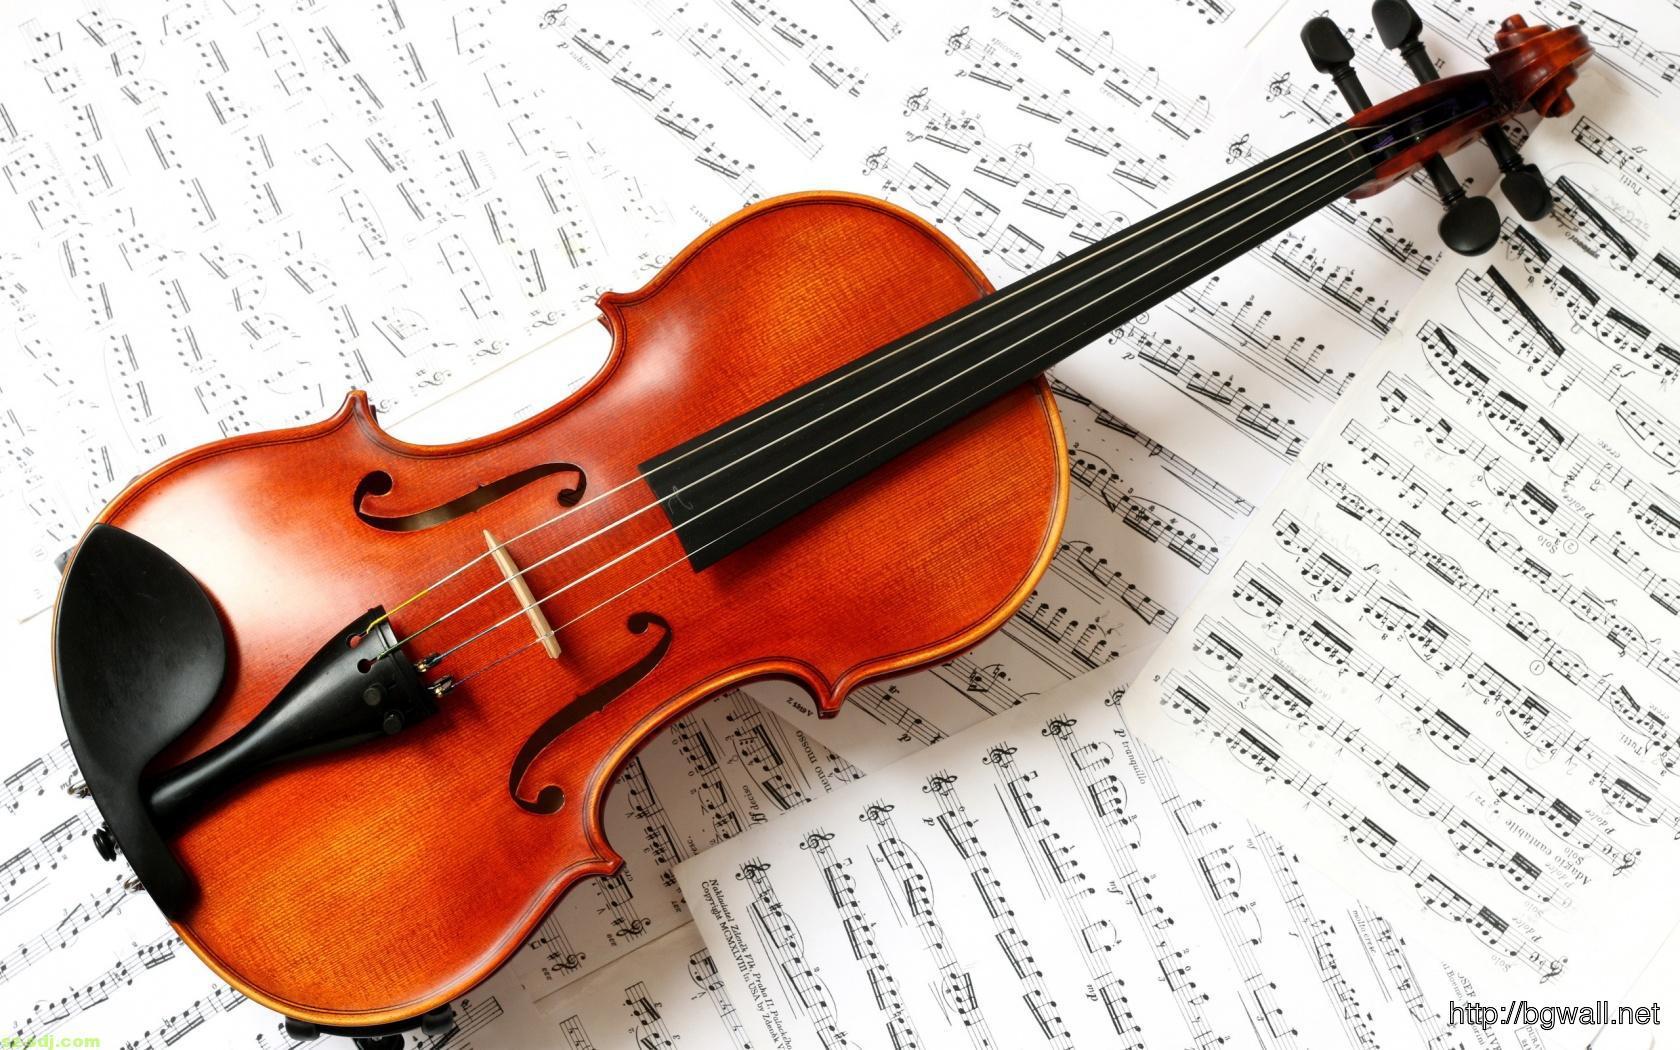 brown-violin-music-wallpaper-hd